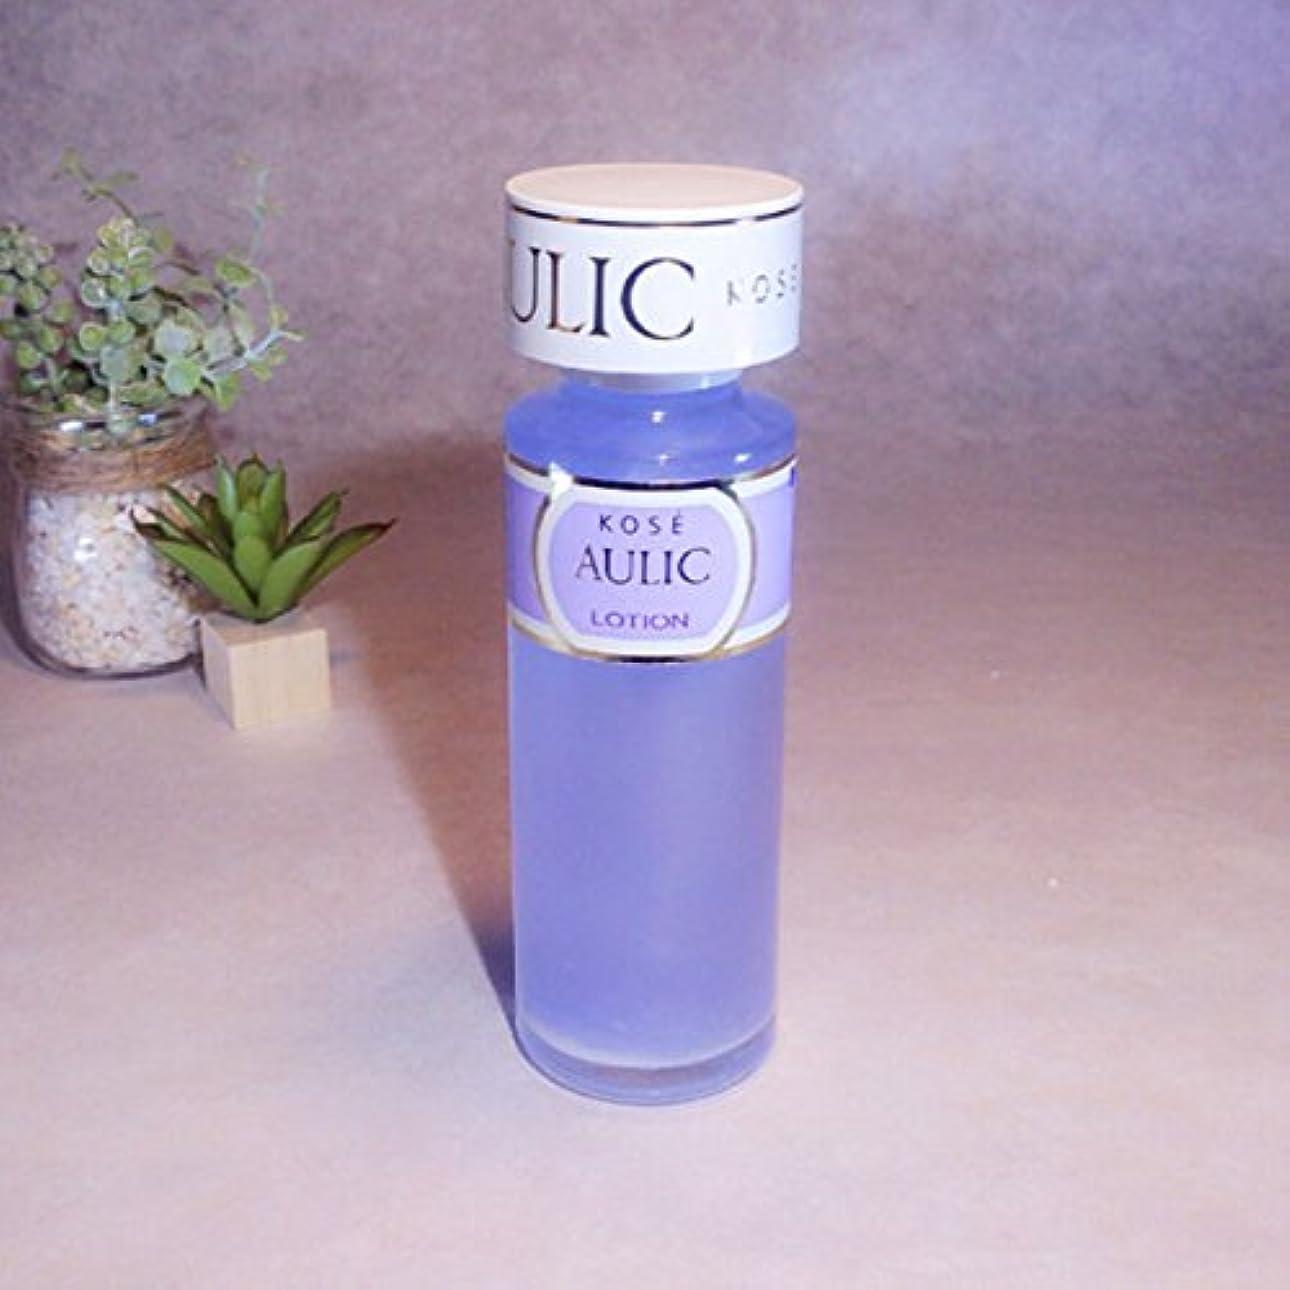 ブランク類似性インデックスコーセー オーリック 化粧水(アレ性用) 140ml